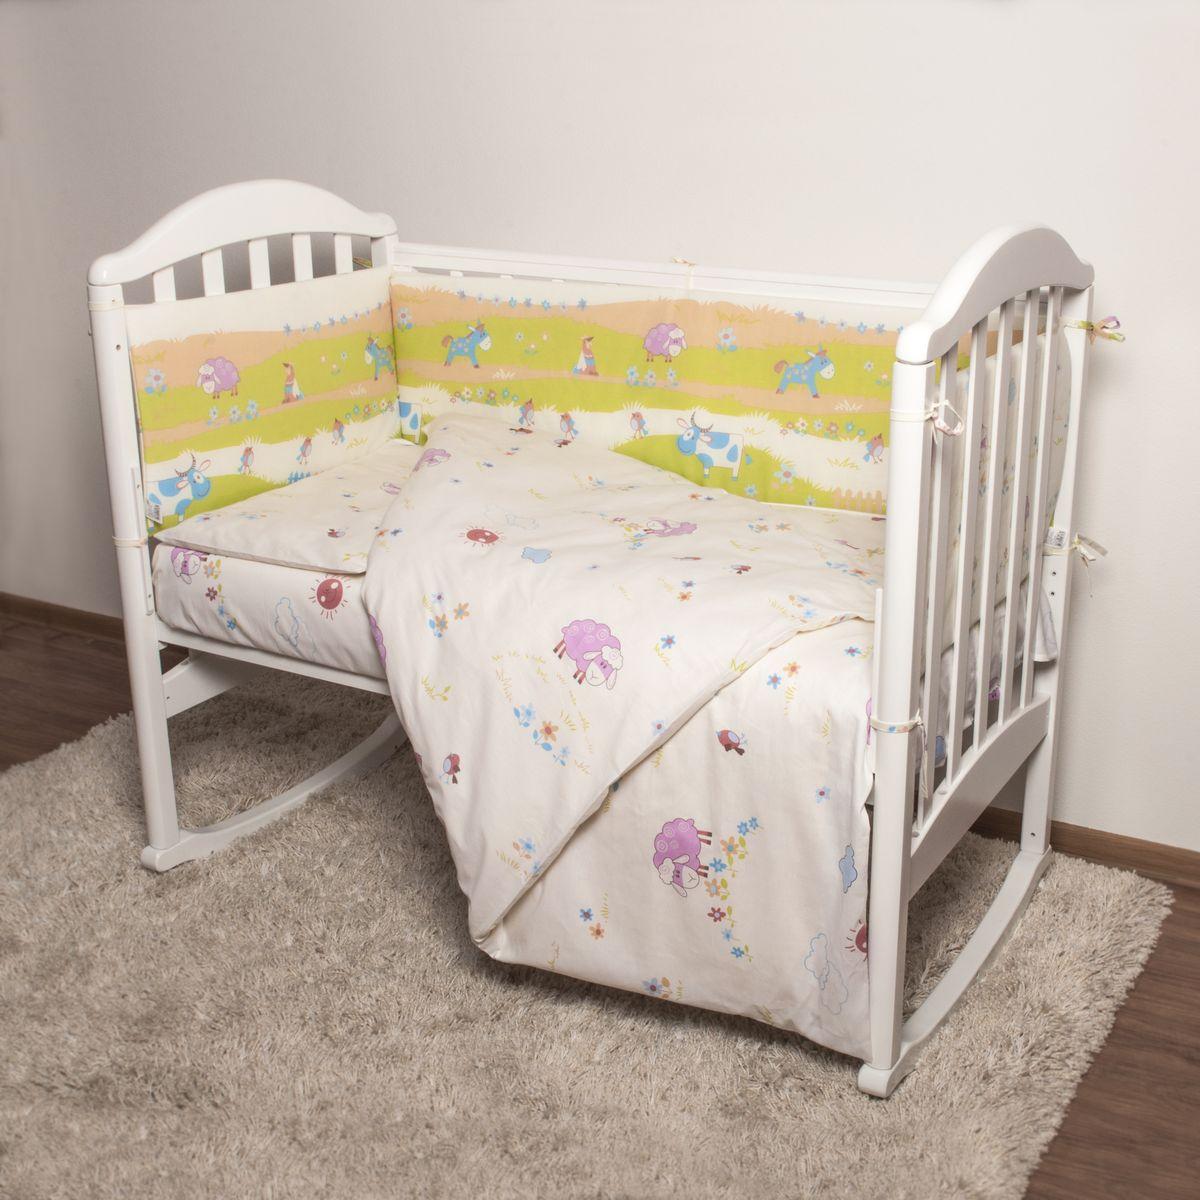 Baby Nice Детский комплект в кроватку Ферма (КПБ, бязь, наволочка 40х60), цвет: желтыйPANTERA SPX-2RSКомплект в кроватку Baby Nice Ферма для самых маленьких изготовлен только из самой качественной ткани, самой безопасной и гигиеничной, самой экологичной и гипоаллергенной. Отлично подходит для кроваток малышей, которые часто двигаются во сне. Хлопковое волокно прекрасно переносит стирку, быстро сохнет и не требует особого ухода, не линяет и не вытягивается. Ткань прошла специальную обработку по умягчению, что сделало ее невероятно мягкой и приятной к телу. Комплект создаст дополнительный комфорт и уют ребенку. Родителям не составит особого труда ухаживать за комплектом. Он превосходно стирается, легко гладится. Ваш малыш будет в восторге от такого необыкновенного постельного набора! В комплект входит: одеяло, пододеяльник, подушка, наволочка, простыня, борт.